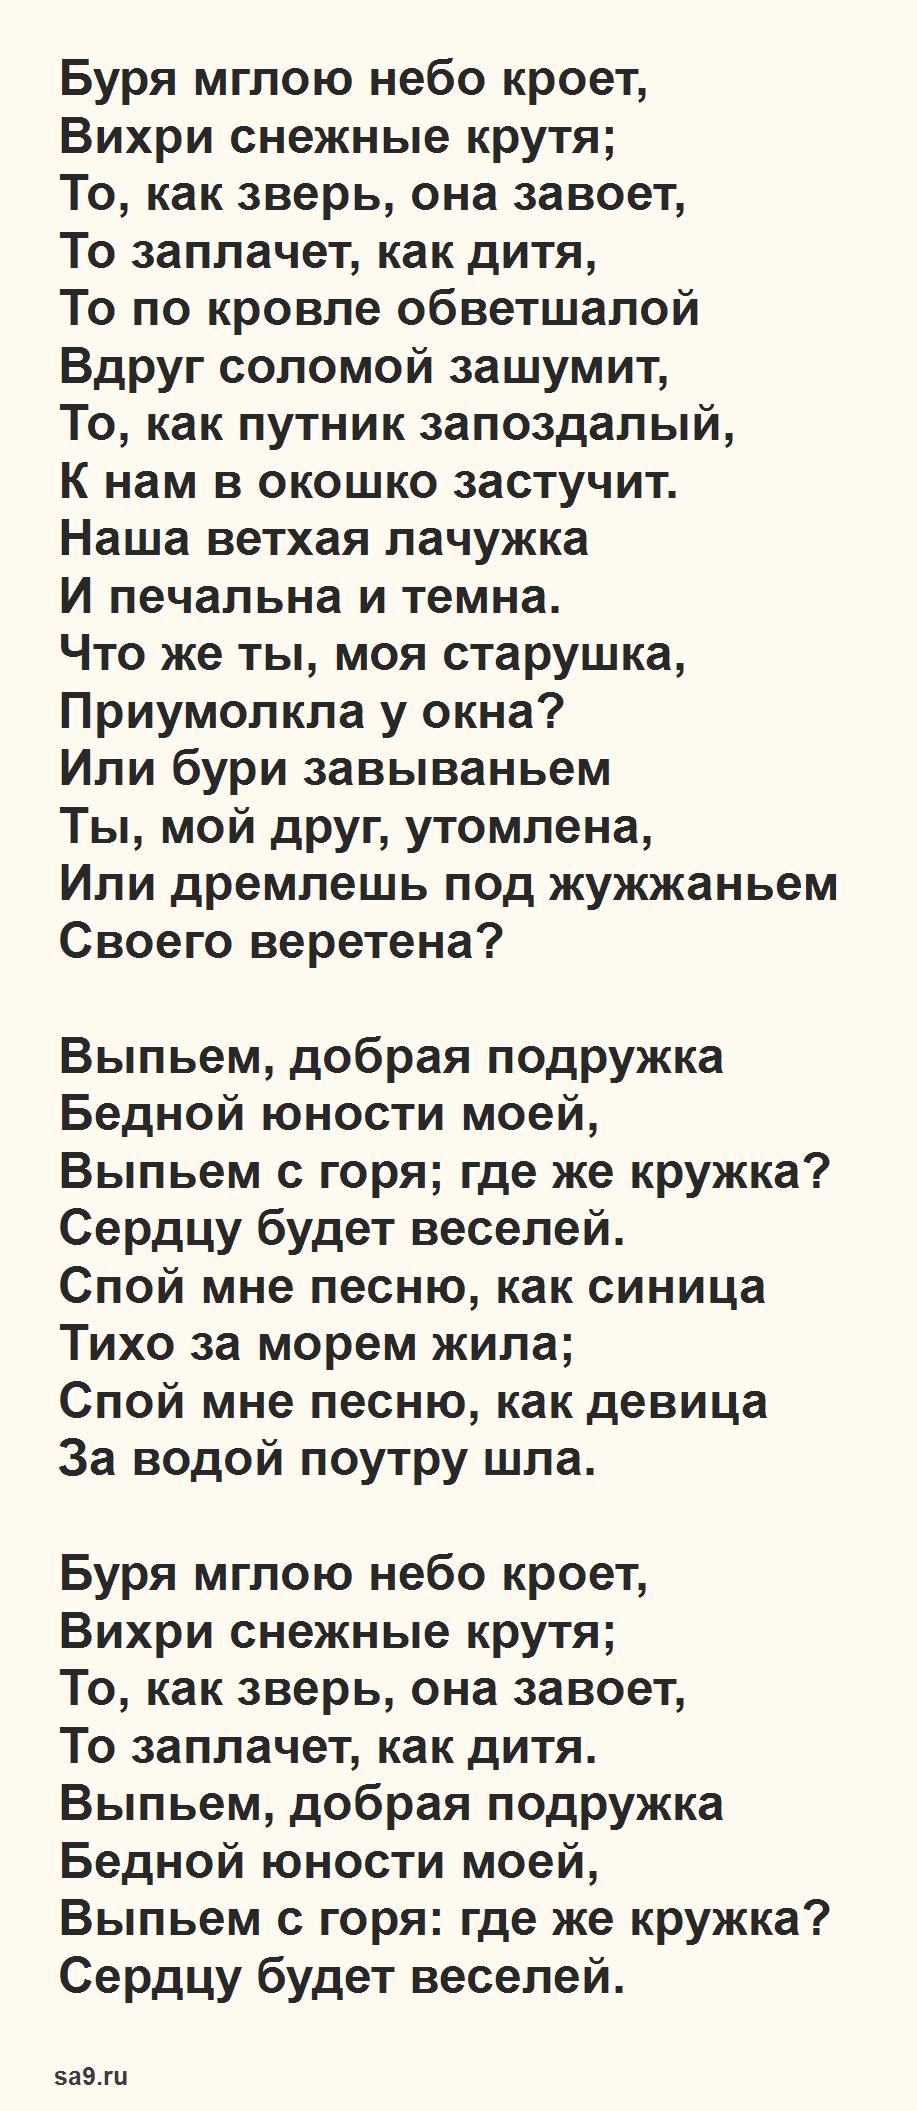 Стихи Пушкина для детей, 4 класс - Зимний вечер